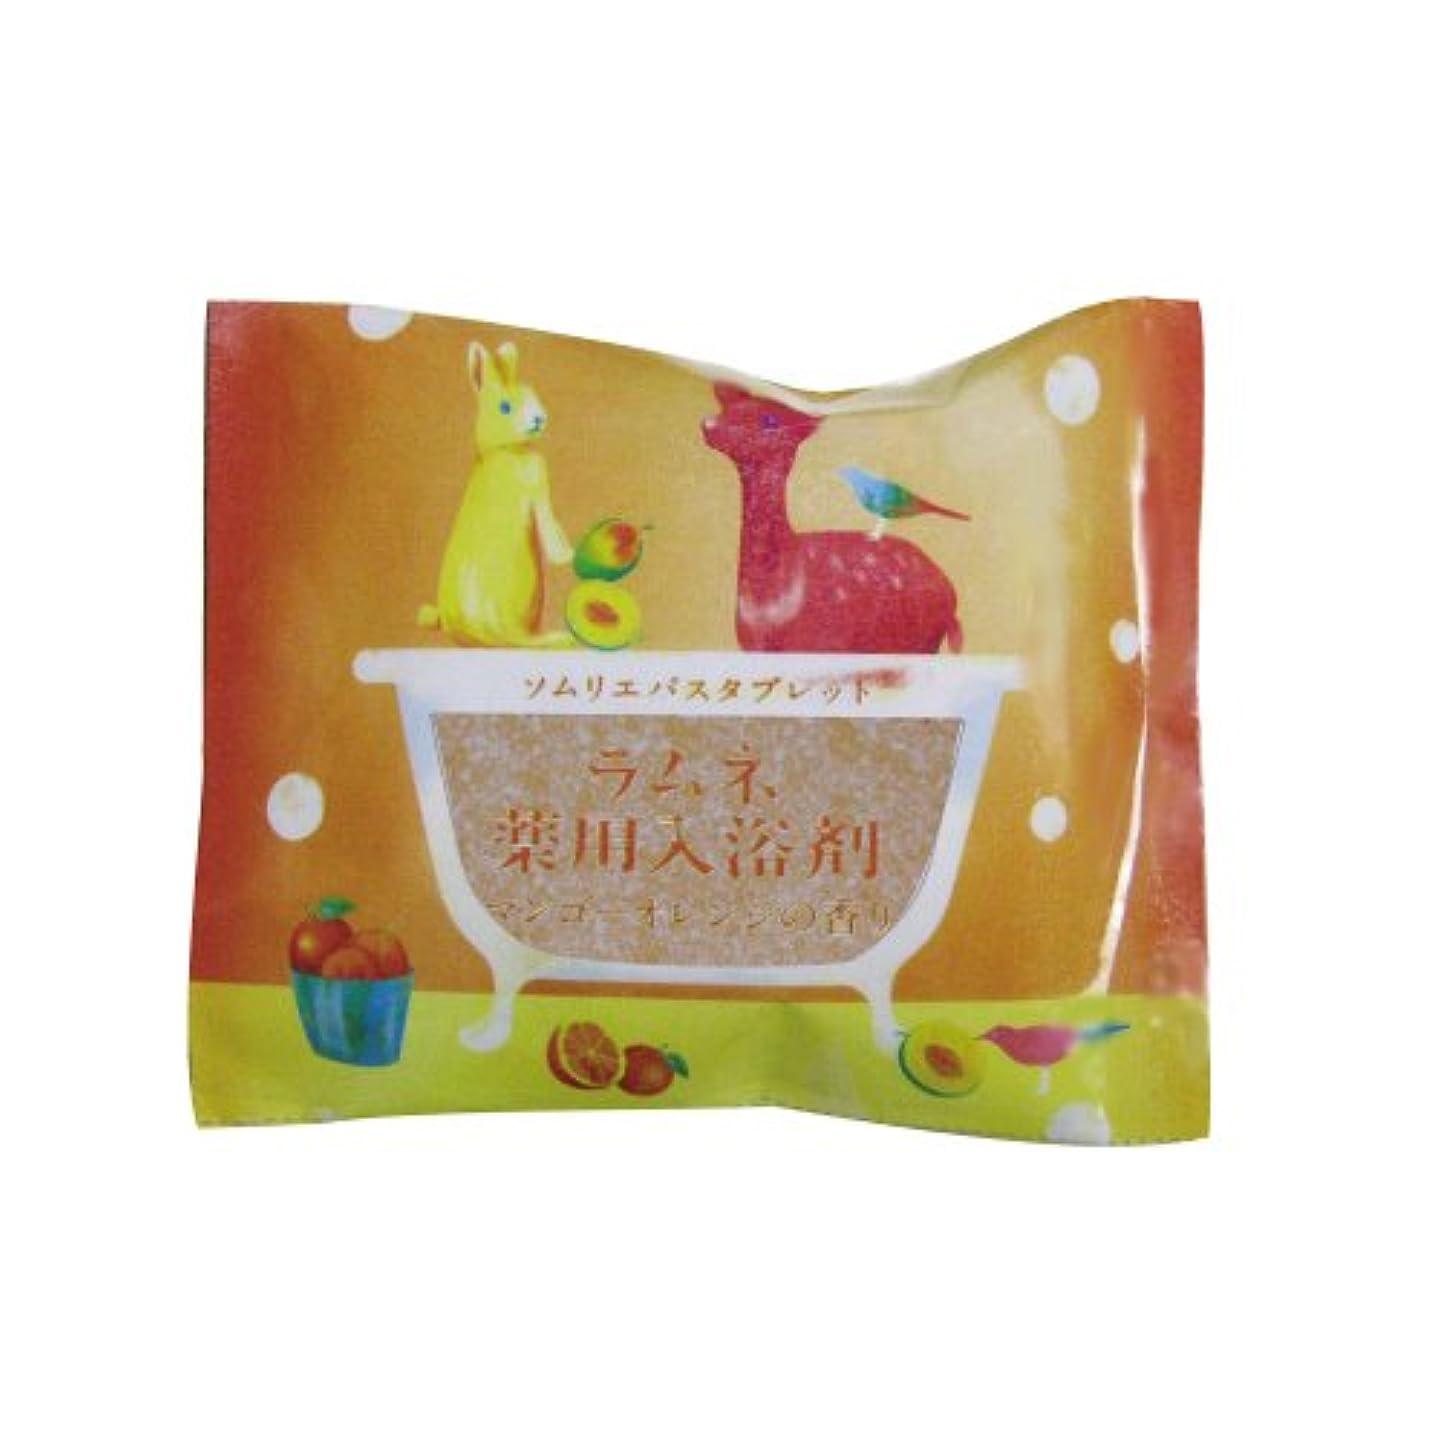 間欠テニス巡礼者ソムリエバスタブレット ラムネ薬用入浴剤 マンゴーオレンジの香り 12個セット